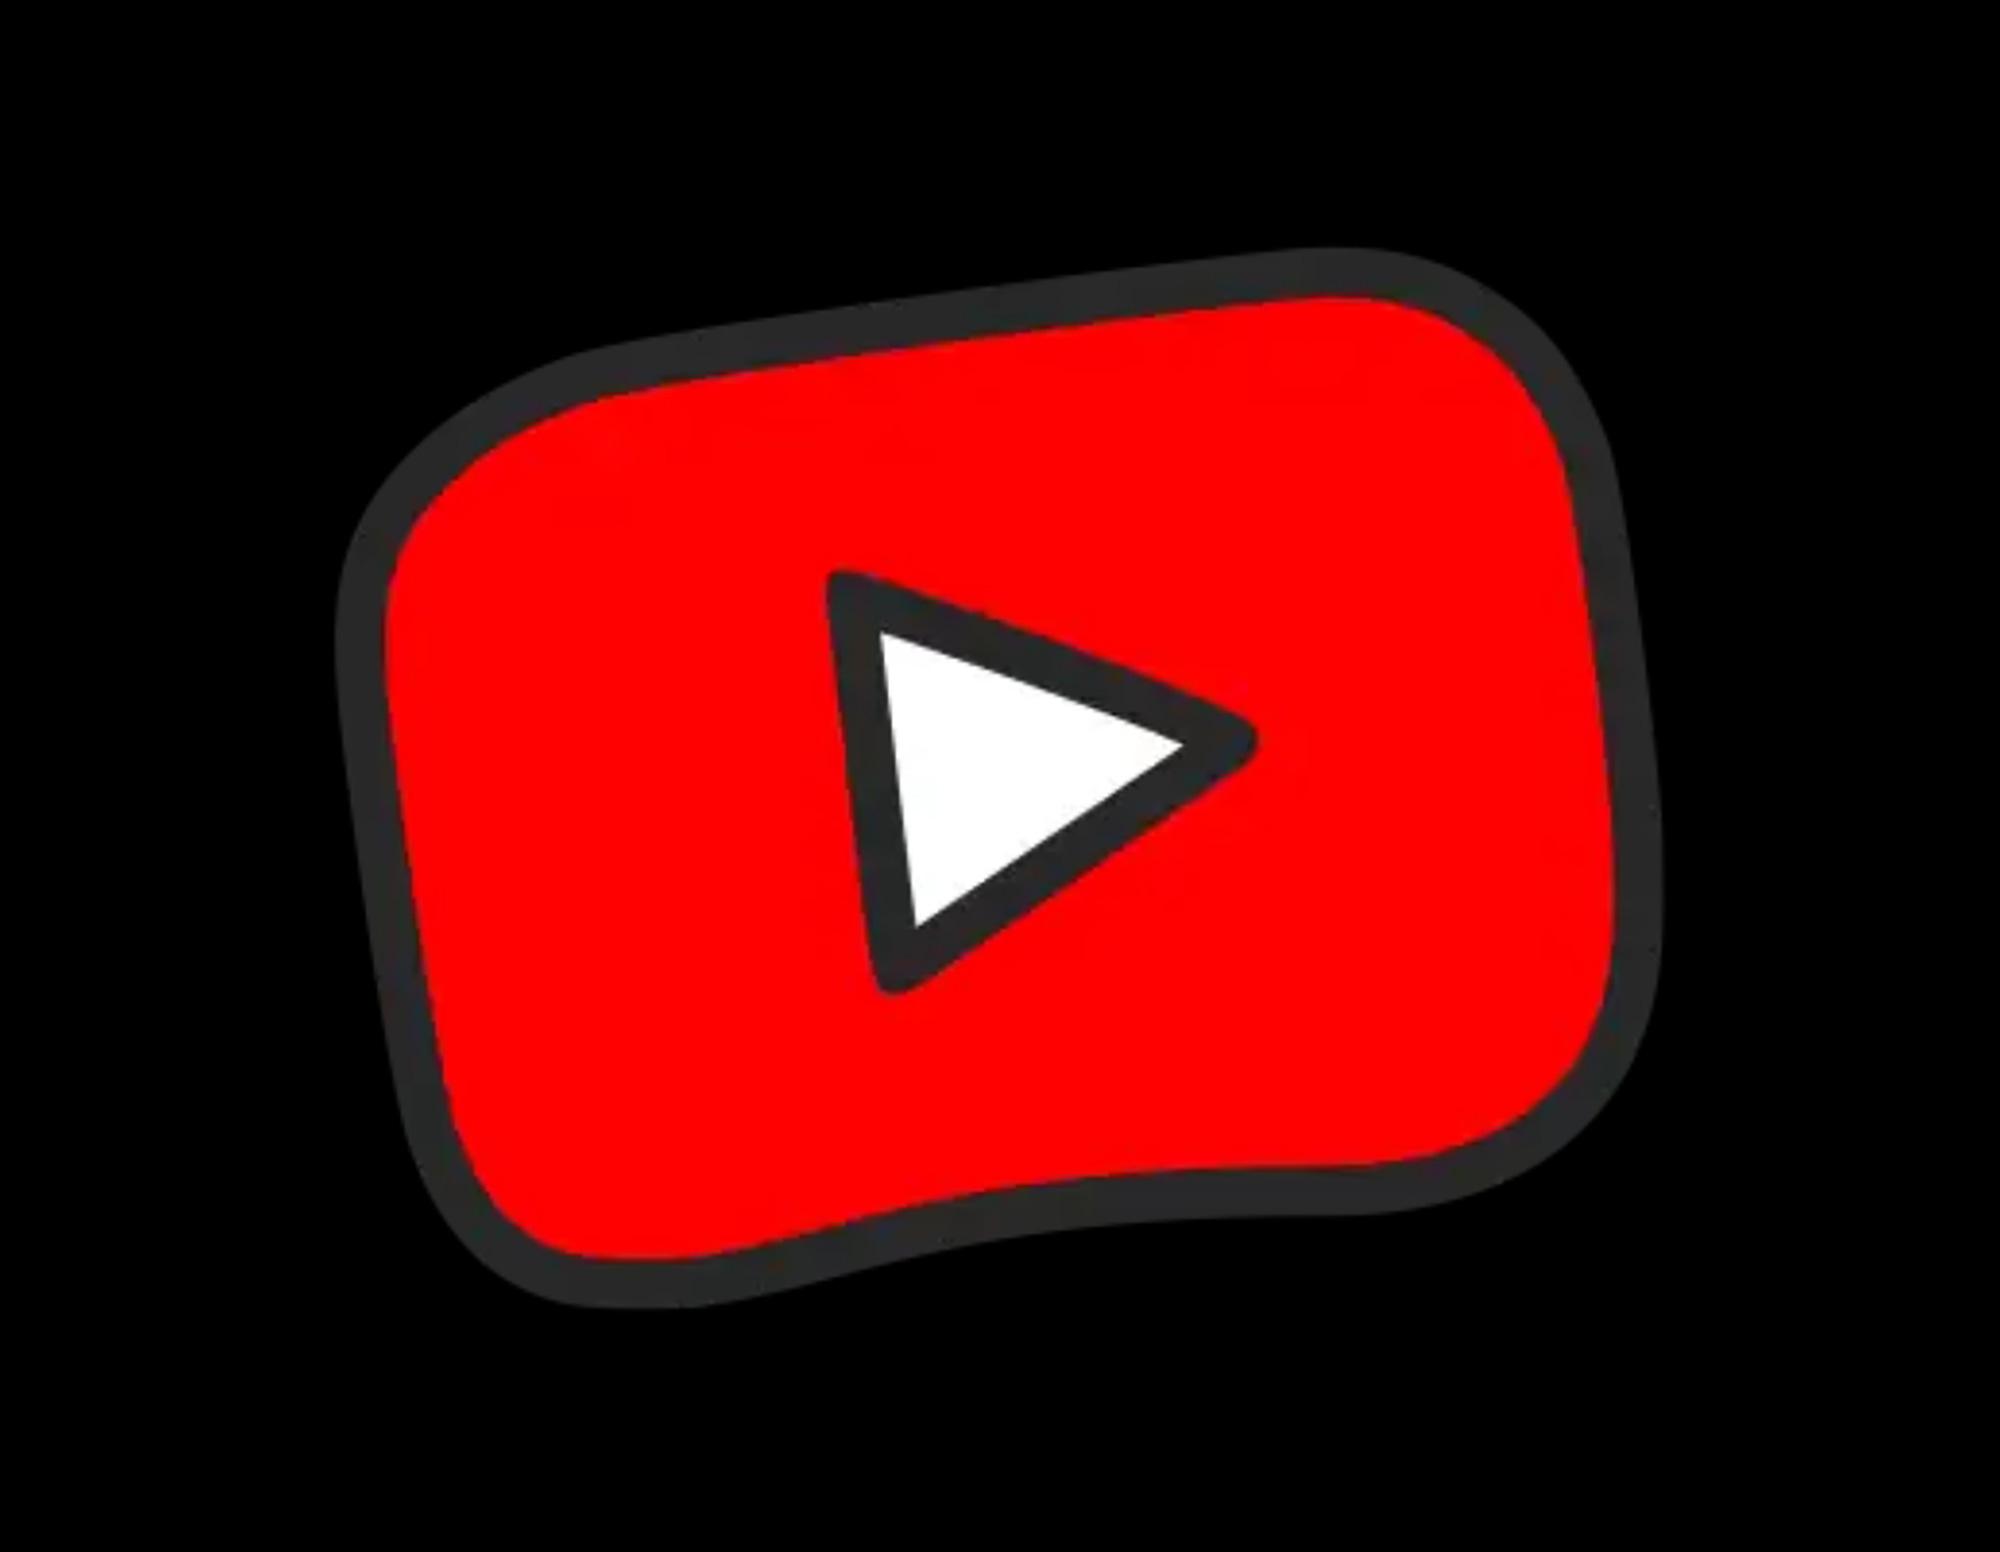 YouTube continúa siendo una de las plataformas digitales más grandes del mundo, por ello el gigante creó una versión exclusiva para que los niños puedan acceder de forma segura a contenido apropiado para sus edades. YouTube Kids es una de las mejores opciones gratuitas para que tus chicos tengan tiempo de pantalla pero que al mismo tiempo les brinde contenido informativo que les ayude en su educación.                             Edades: 2 -12Costo: Gratuita.